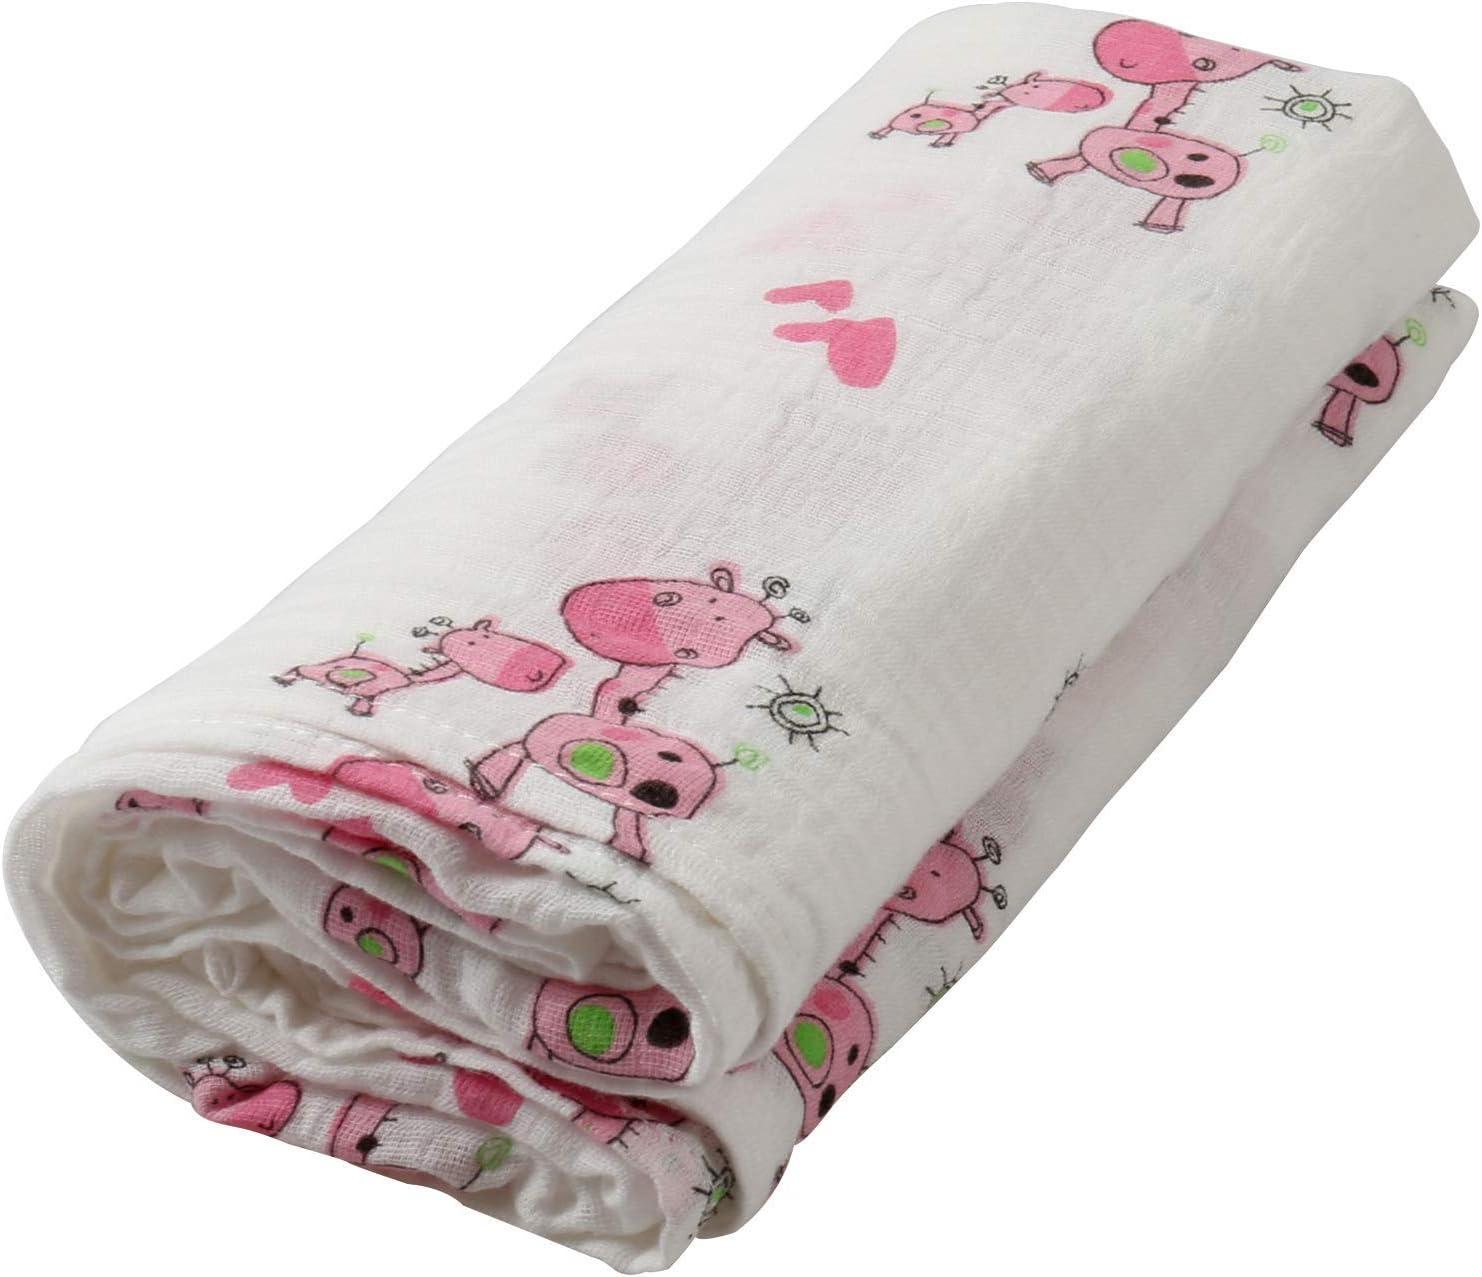 couverture /à langer en coton bio Id/éal pour un cadeau de naissance 120x120cm Grande couverture /à langer pour b/éb/é fleur doranger Couverture de b/éb/é en mousseline